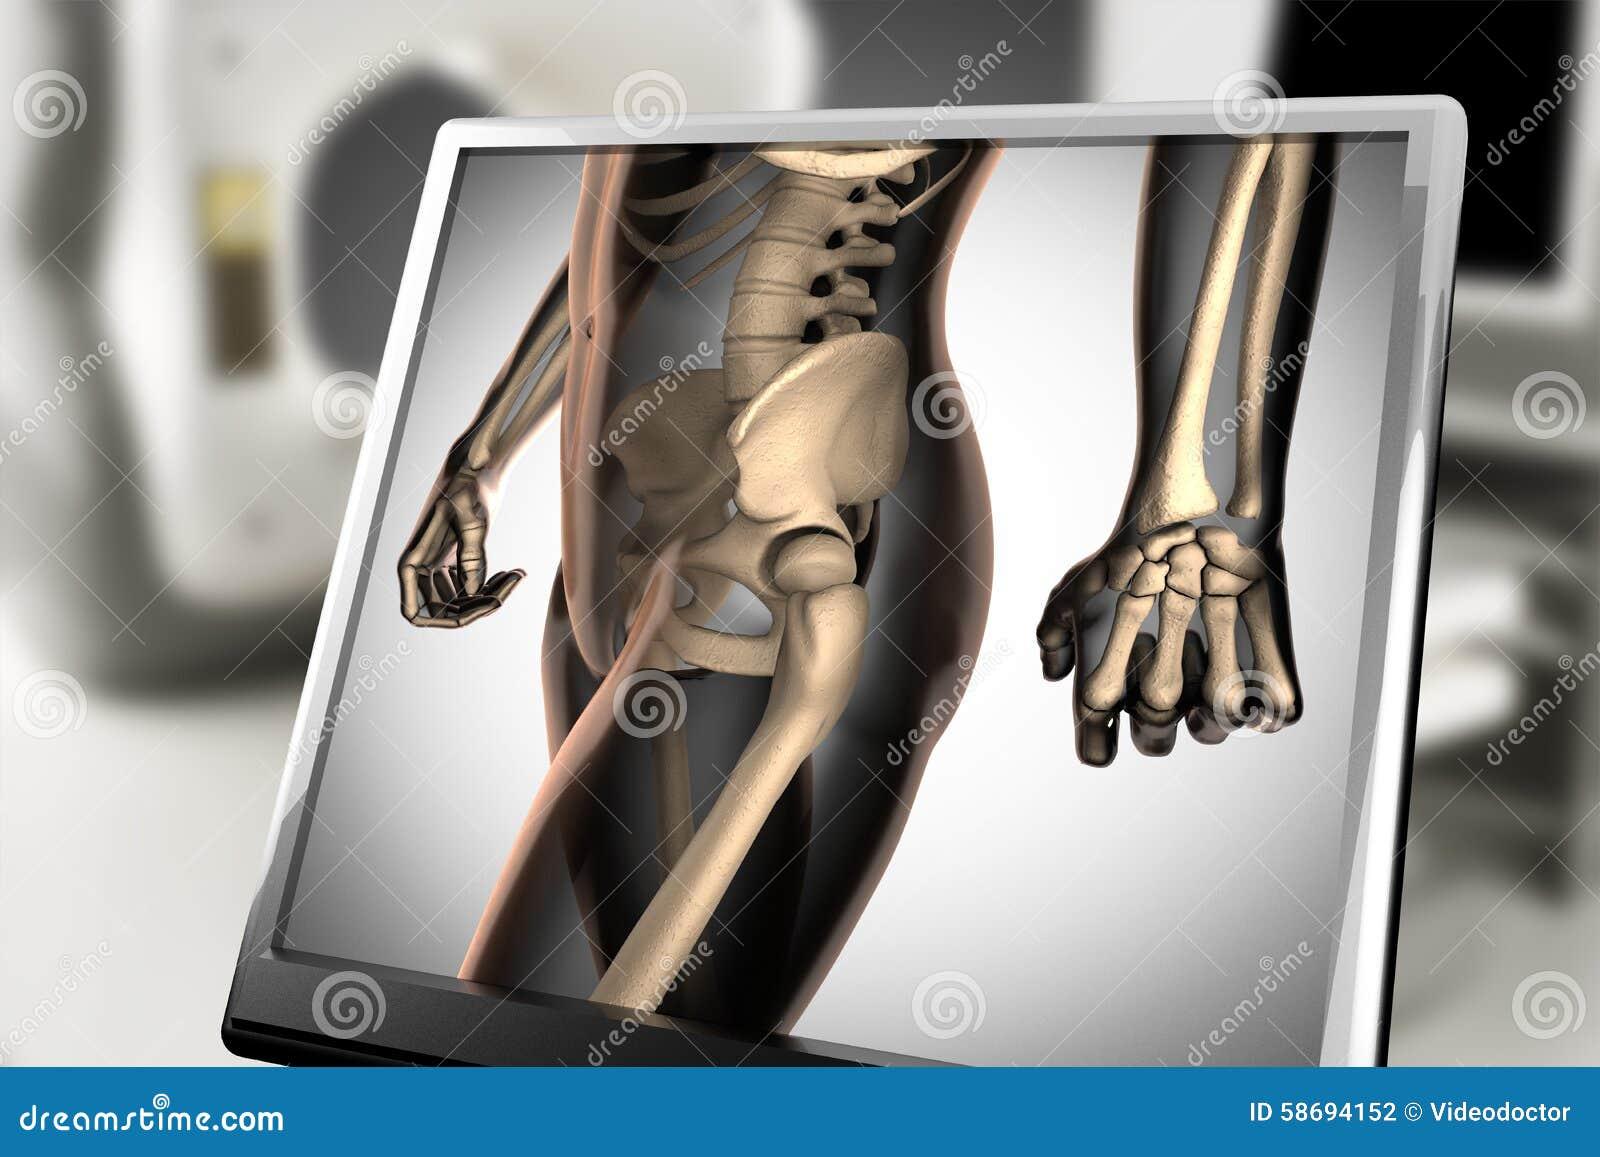 Ludzki kości prześwietlenia obrazu cyfrowego wizerunek